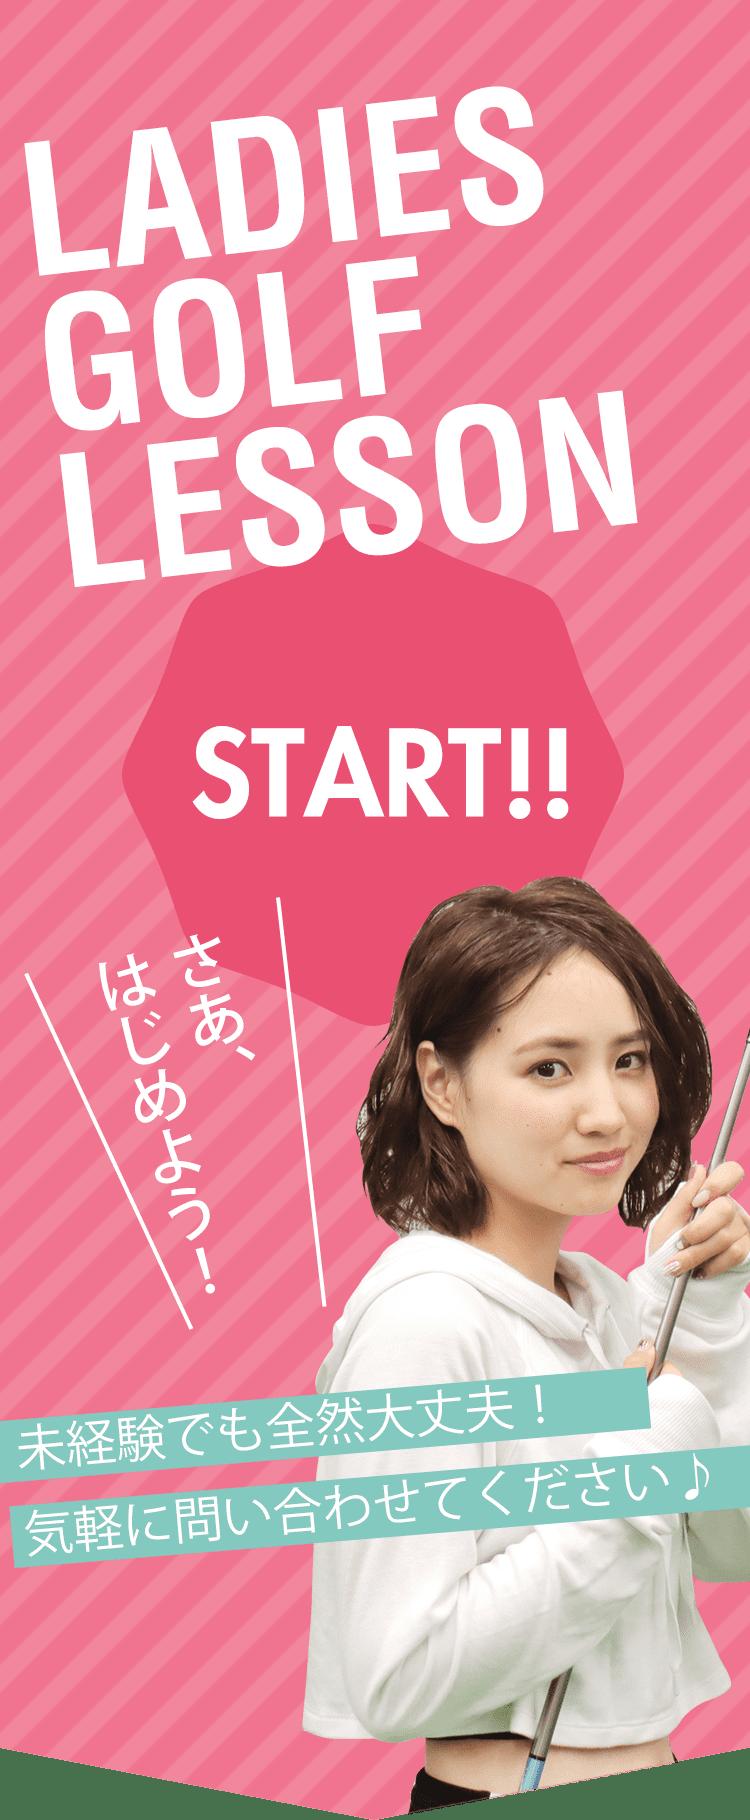 start!! さあ、はじめよう!